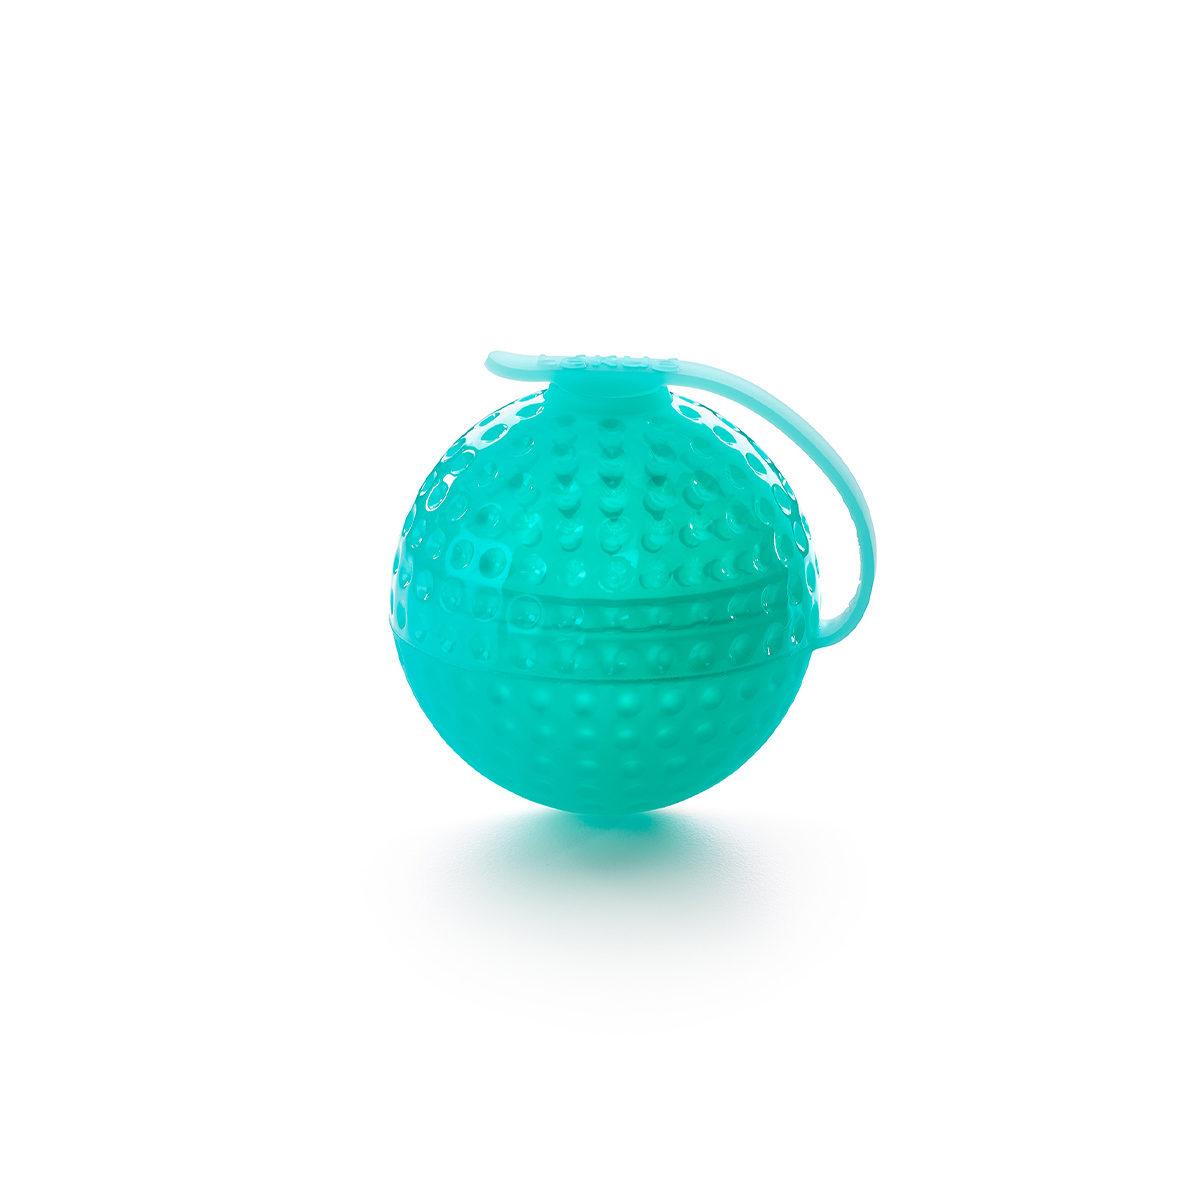 XL BALL lekue turkusowa